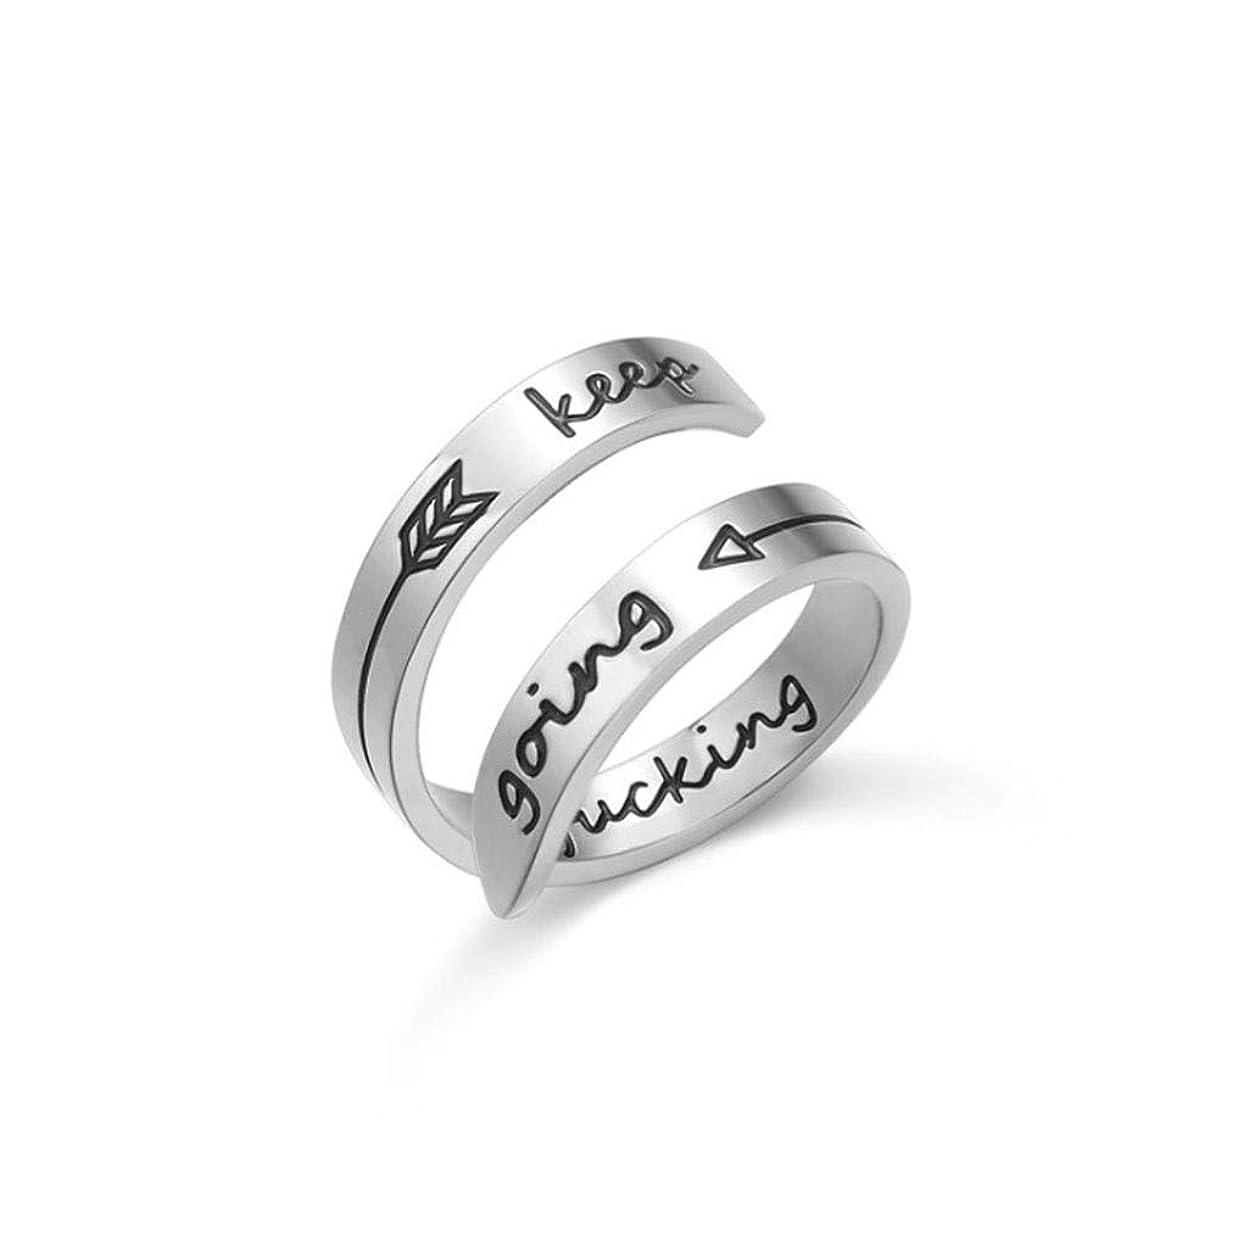 補足熟読ビヨン二層316Lチタン鋼リング、男性と女性のためのステンレス製の彫刻サイズ調節可能なリング (Color : Silver)